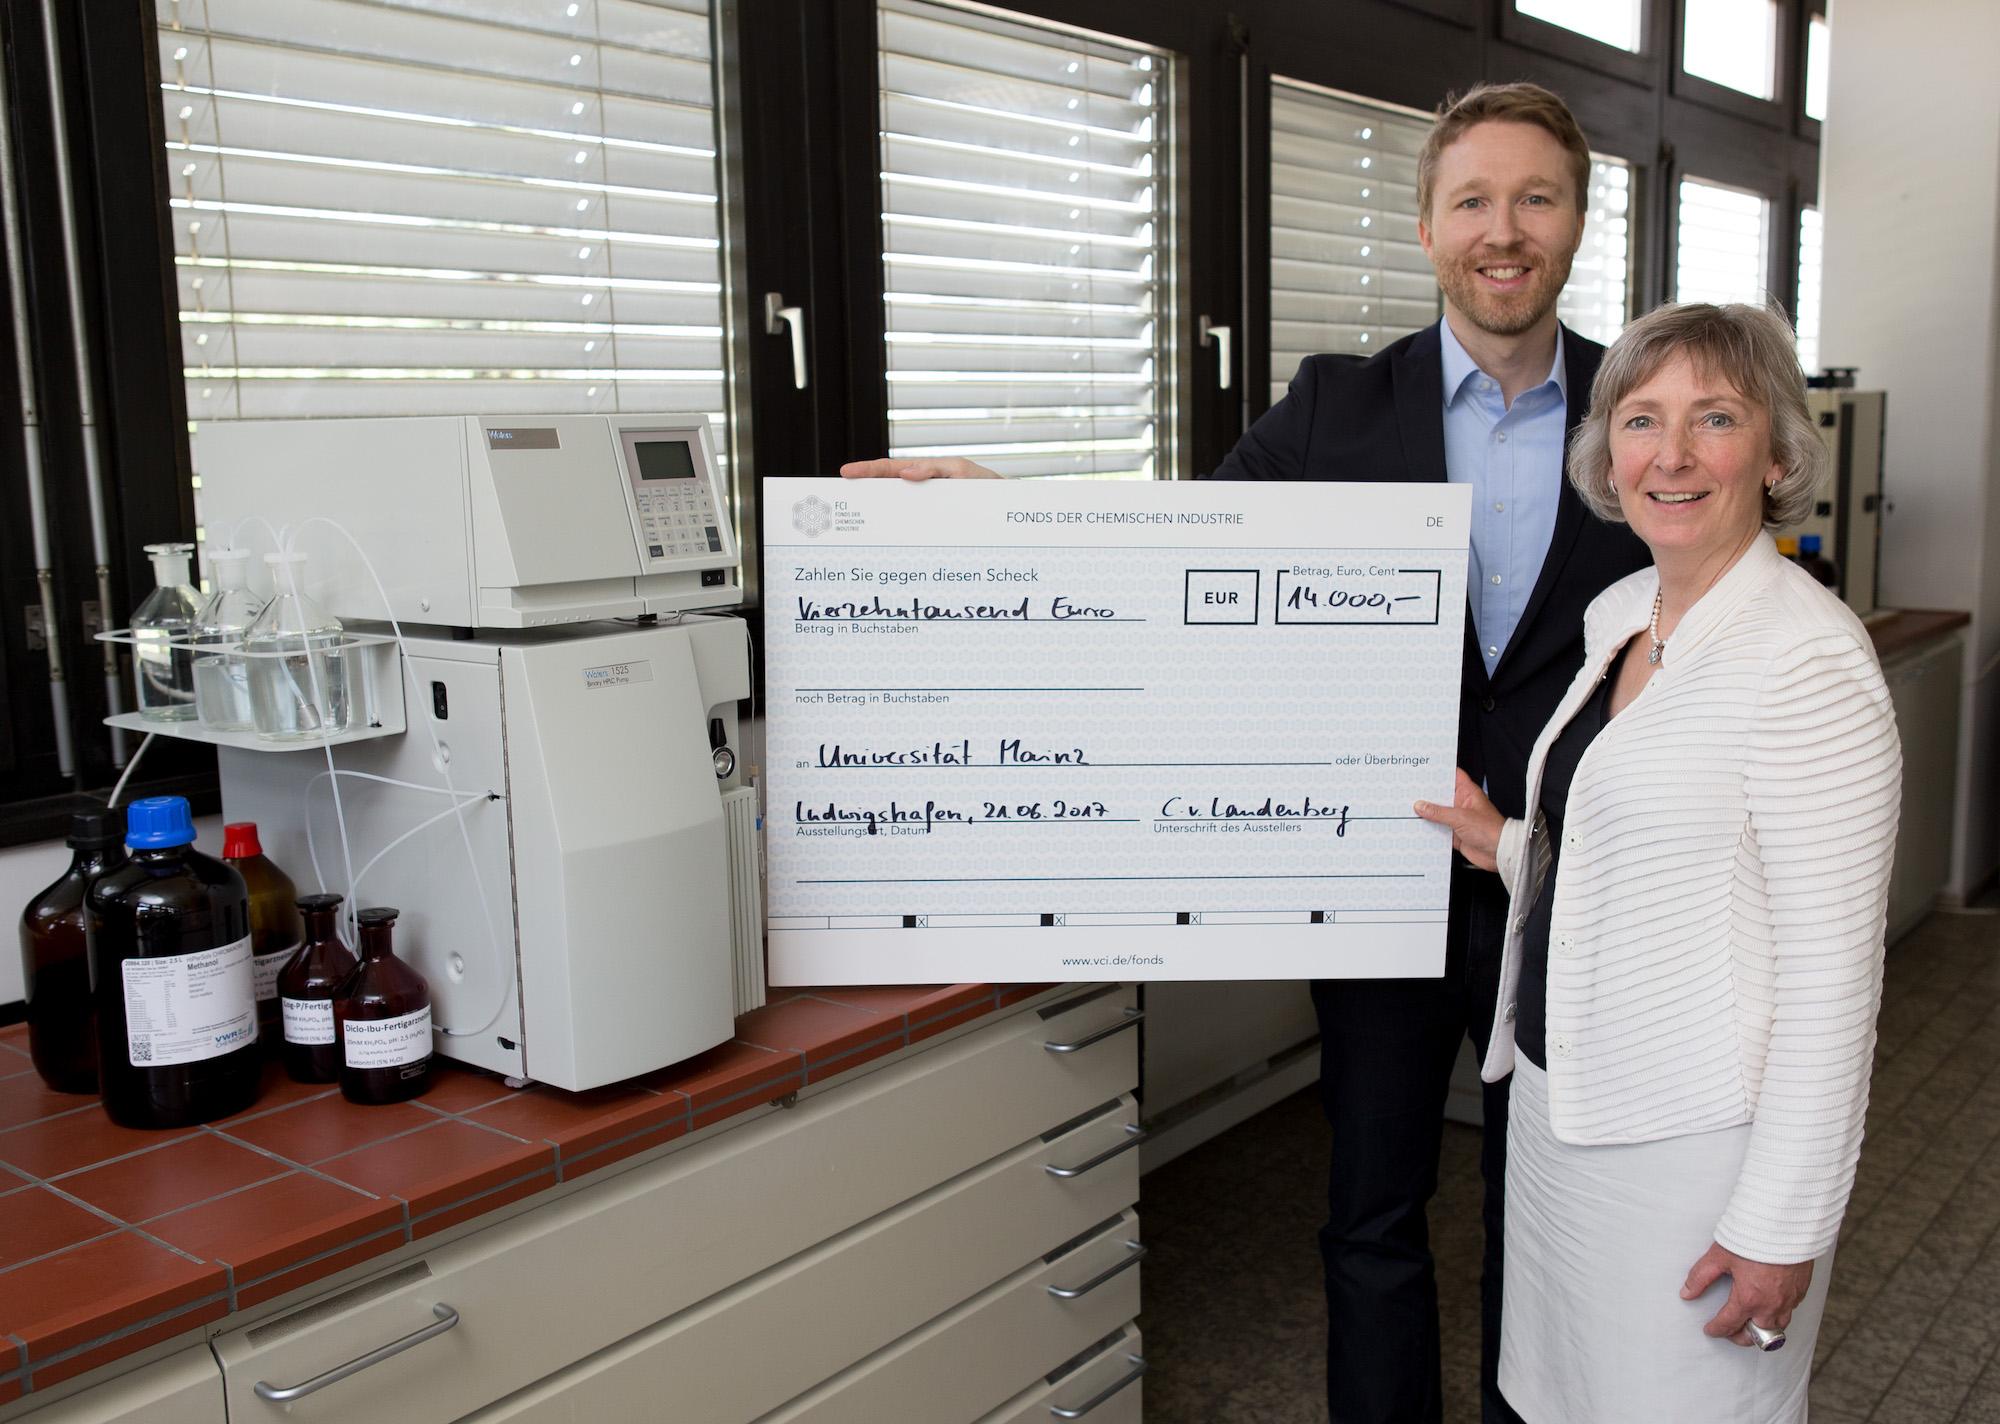 VCI Uni Mainz BMC Peter Wich Fond der Chemischen Industrie Förderung der Lehre